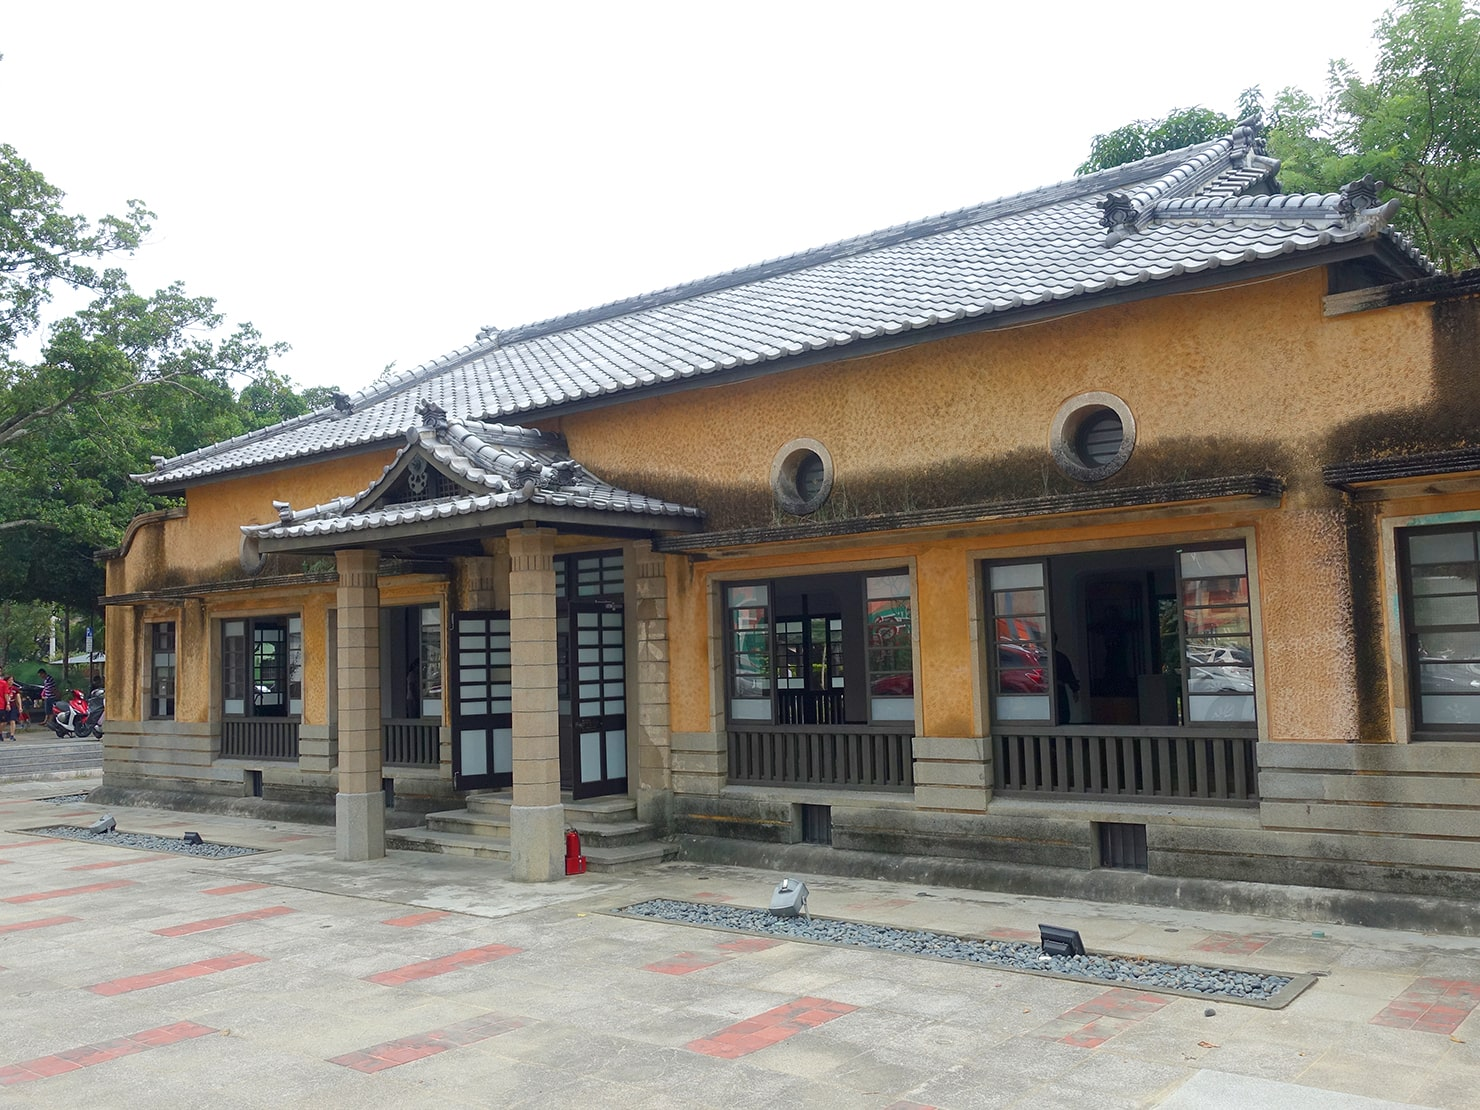 台南市街郊外のおすすめ観光スポット「新化武德殿」の外観